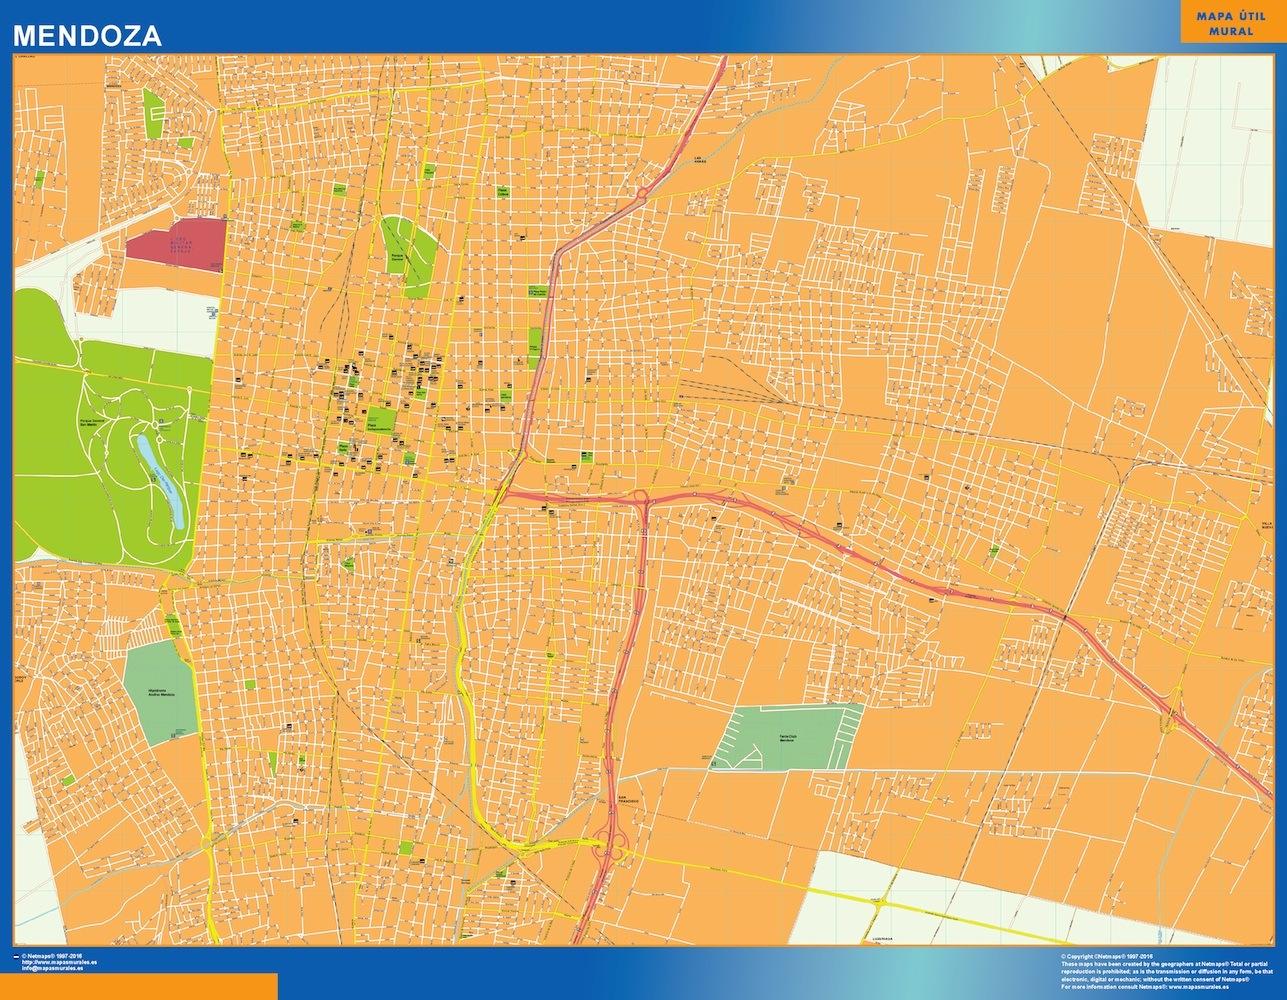 Mapa Mendoza en Argentina plastificado gigante